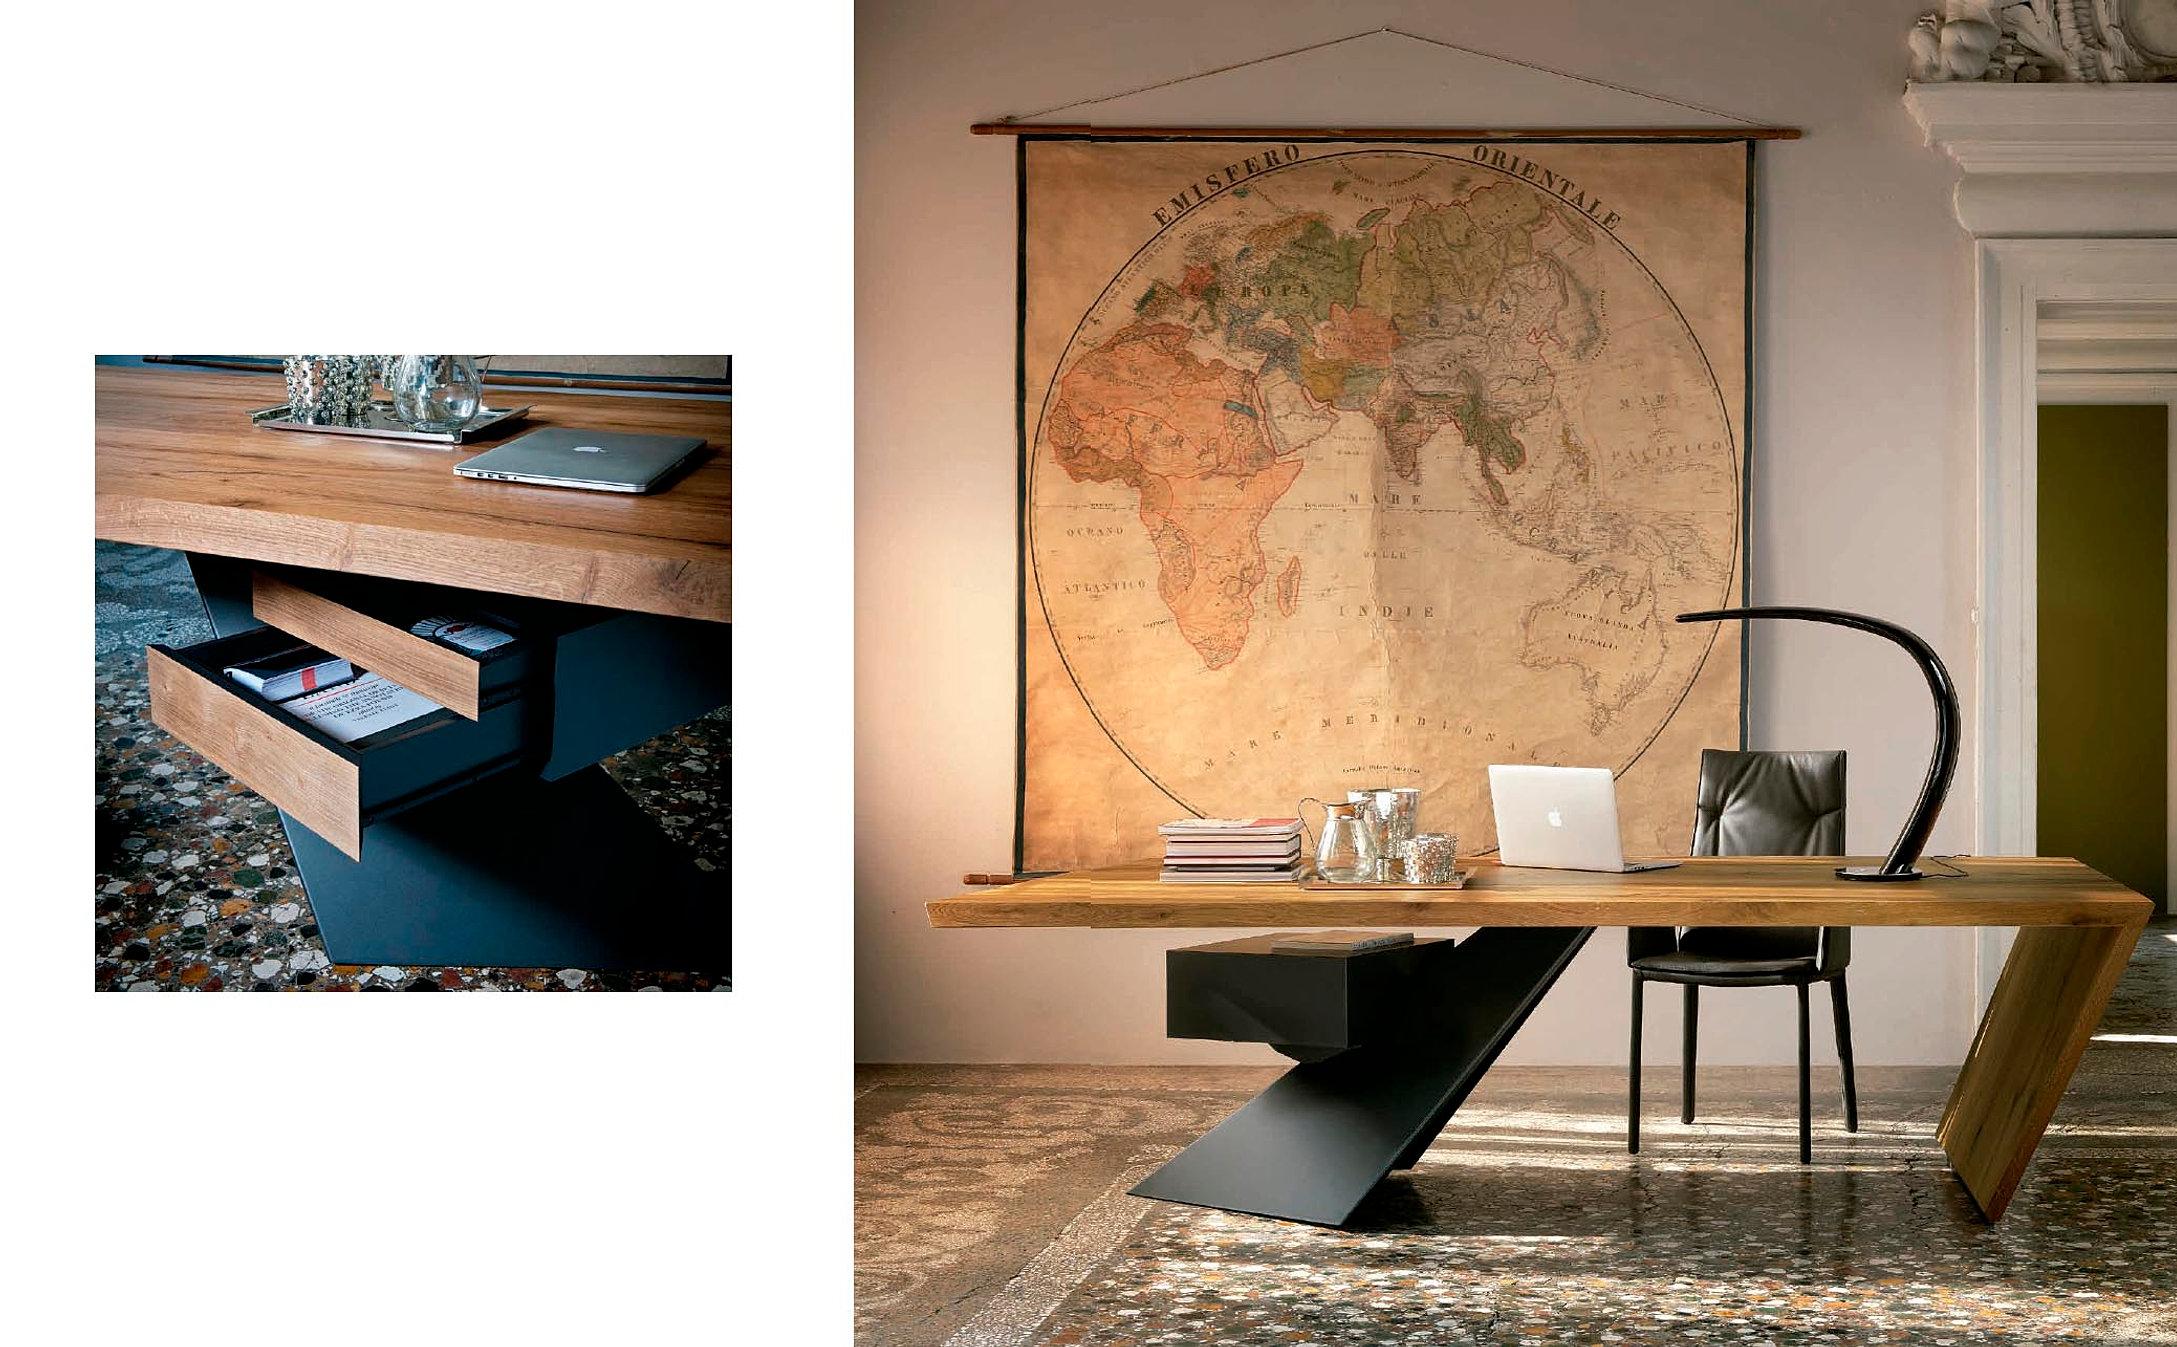 Despachos modernos muebles monen - Despachos modernos ...